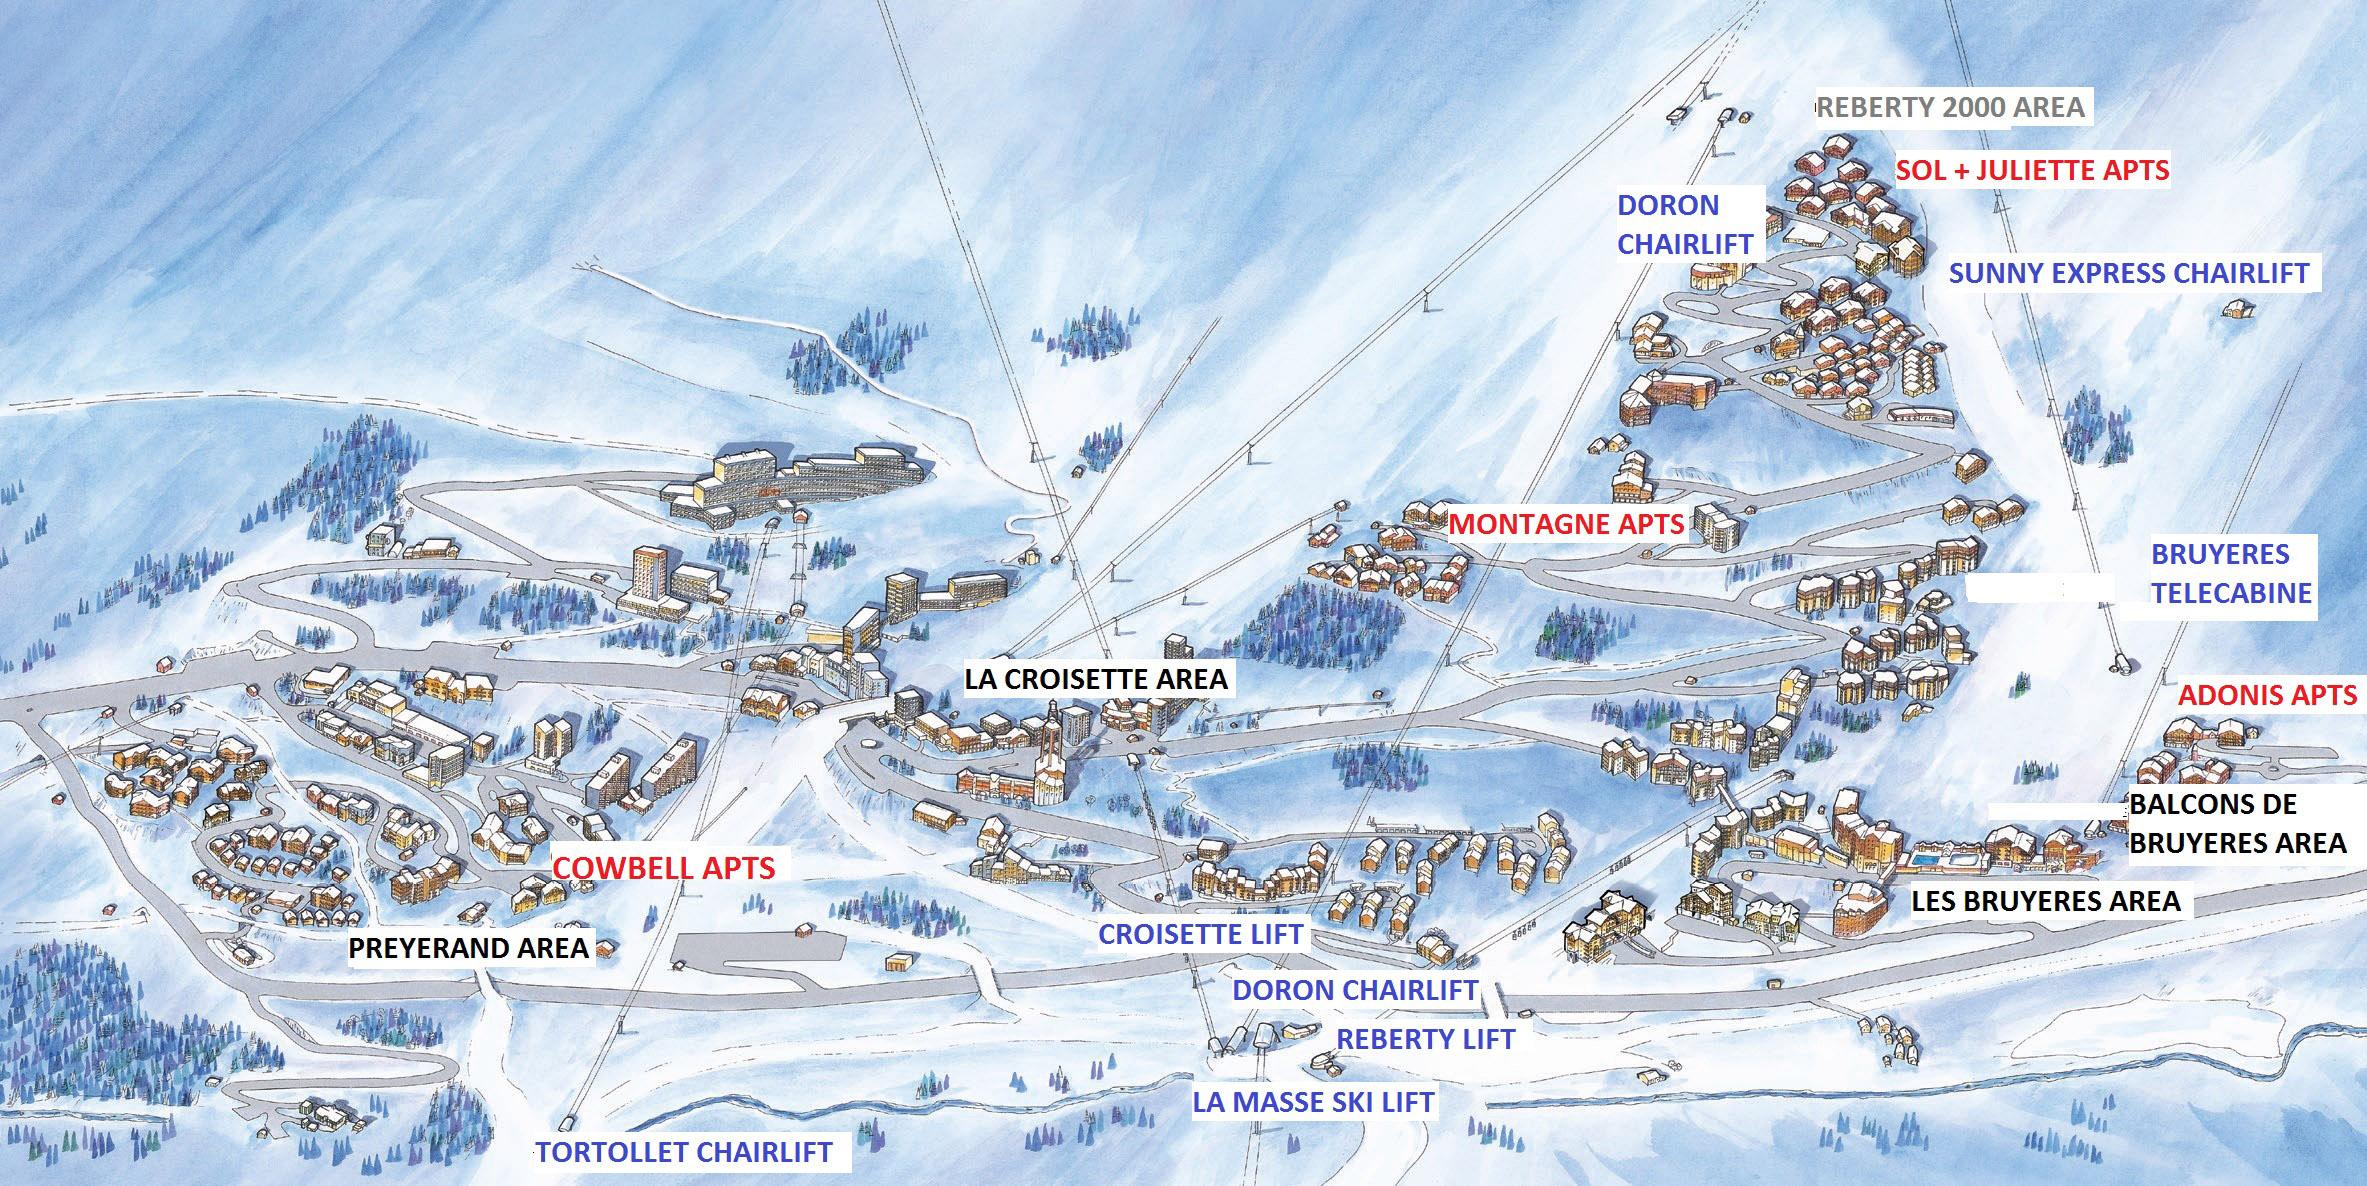 Reberty 2000 Ski Resort France Ski Line